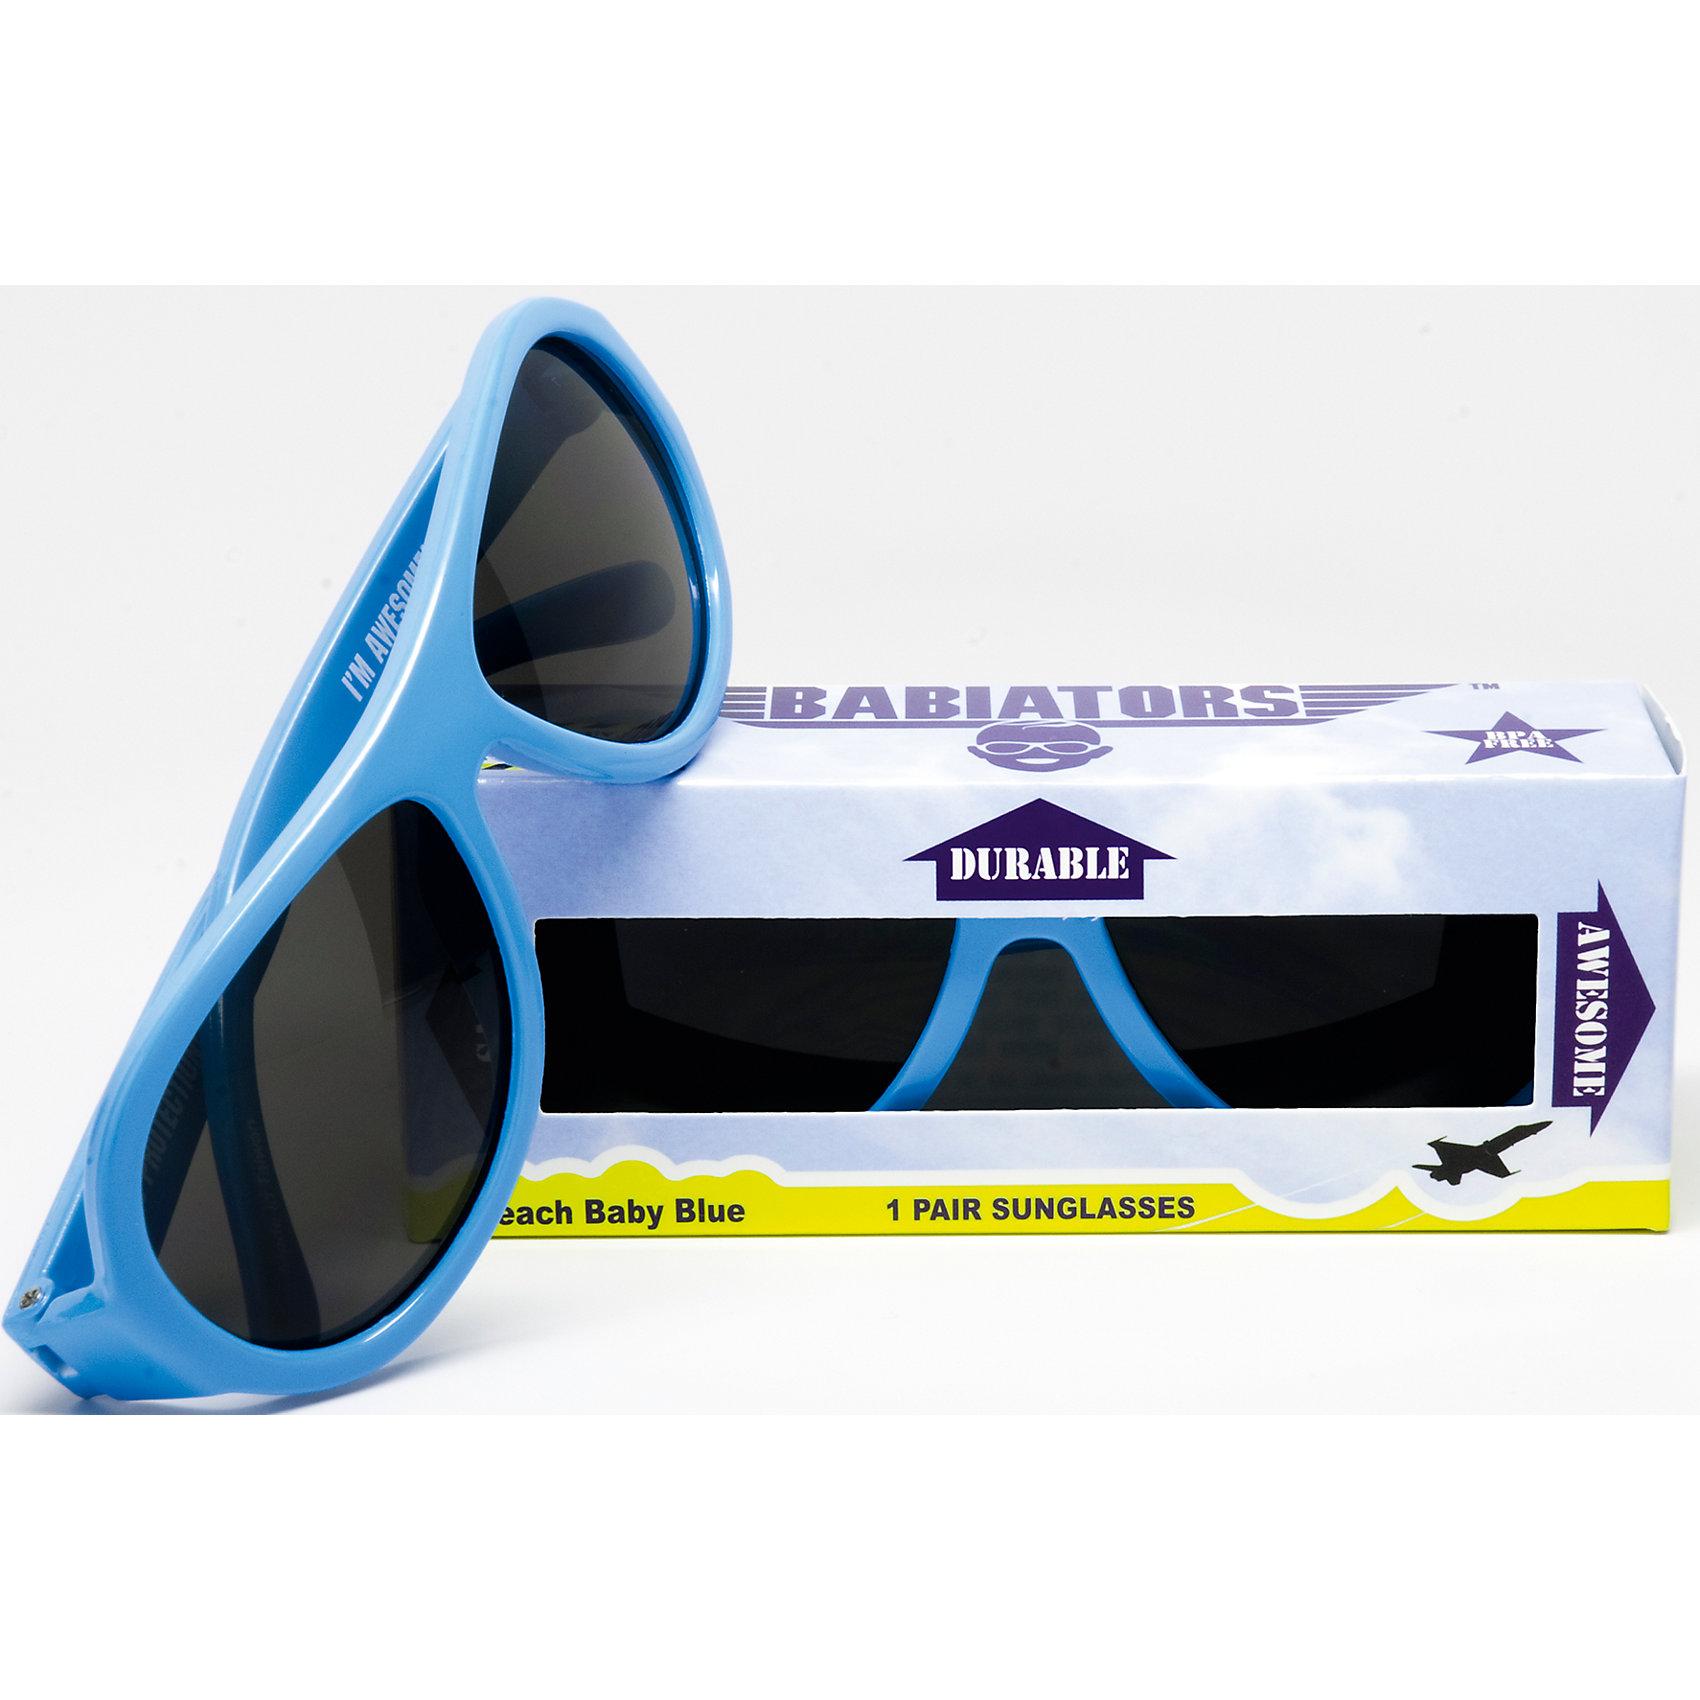 Солнцезащитные очки Babiators OriginalЗащита глаз всегда в моде.<br>Вы делаете все возможное, чтобы ваши дети были здоровы и в безопасности. Шлемы для езды на велосипеде, солнцезащитный крем для прогулок на солнце. Но как насчёт влияния солнца на глазах вашего ребёнка? Правда в том, что сетчатка глаза у детей развивается вместе с самим ребёнком. Это означает, что глаза малышей не могут отфильтровать УФ-излучение. Добавьте к этому тот факт, что дети за год получают трёхкратную дозу солнечного воздействия на взрослого человека (доклад Vision Council Report 2013, США). Проблема понятна - детям нужна настоящая защита, чтобы глазка были в безопасности, а зрение сильным.<br>Каждая пара солнцезащитных очков Babiators для детей обеспечивает 100% защиту от UVA и UVB. Прочные линзы высшего качества не подведут в самых сложных переделках. Будьте уверены, что очки Babiators созданы безопасными, прочными и классными, так что вы и ваш маленький лётчик можете приступать к своим приключениям!<br><br>• Прочная, гибкая прорезиненная оправа;<br>• 100 % защита от UVA и UVB солнечных лучей;<br>• Ударопрочные линзы;<br>• Стильные: выбор многих голливудских звёзд.<br><br>Ширина мм: 170<br>Глубина мм: 157<br>Высота мм: 67<br>Вес г: 117<br>Возраст от месяцев: 36<br>Возраст до месяцев: 84<br>Пол: Унисекс<br>Возраст: Детский<br>SKU: 4766960